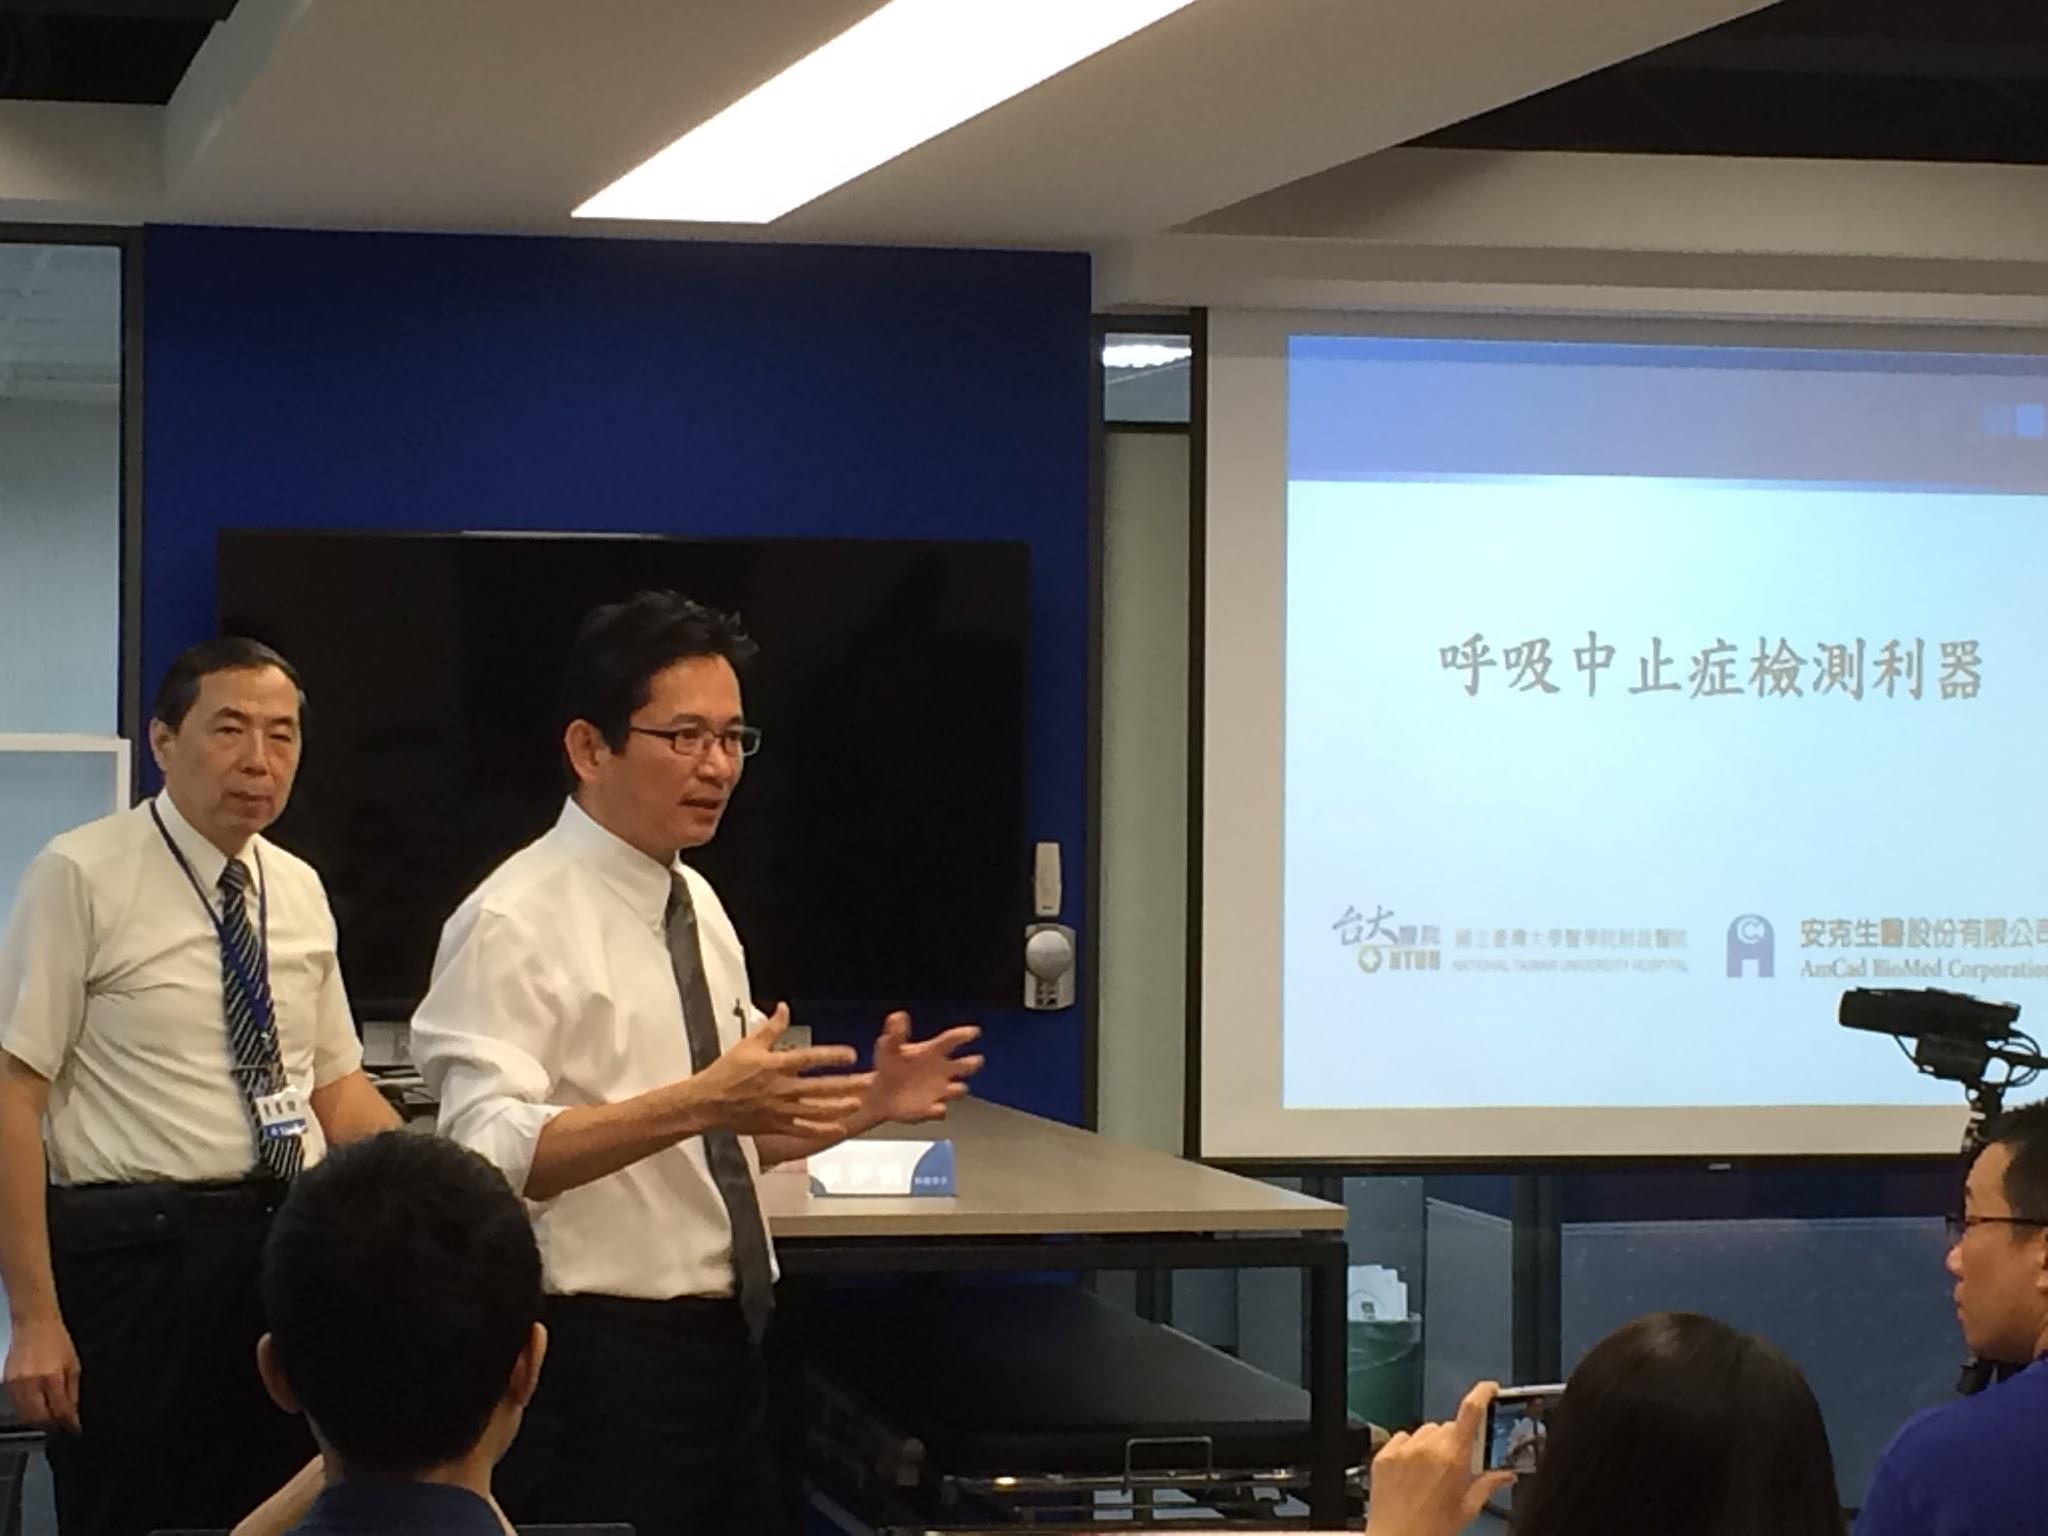 媒體採訪:安克生醫首席研發長陳正剛博士解說「呼吸中止症超音波電腦輔助診斷裝置  (AmCAD-UO) 」創新技術